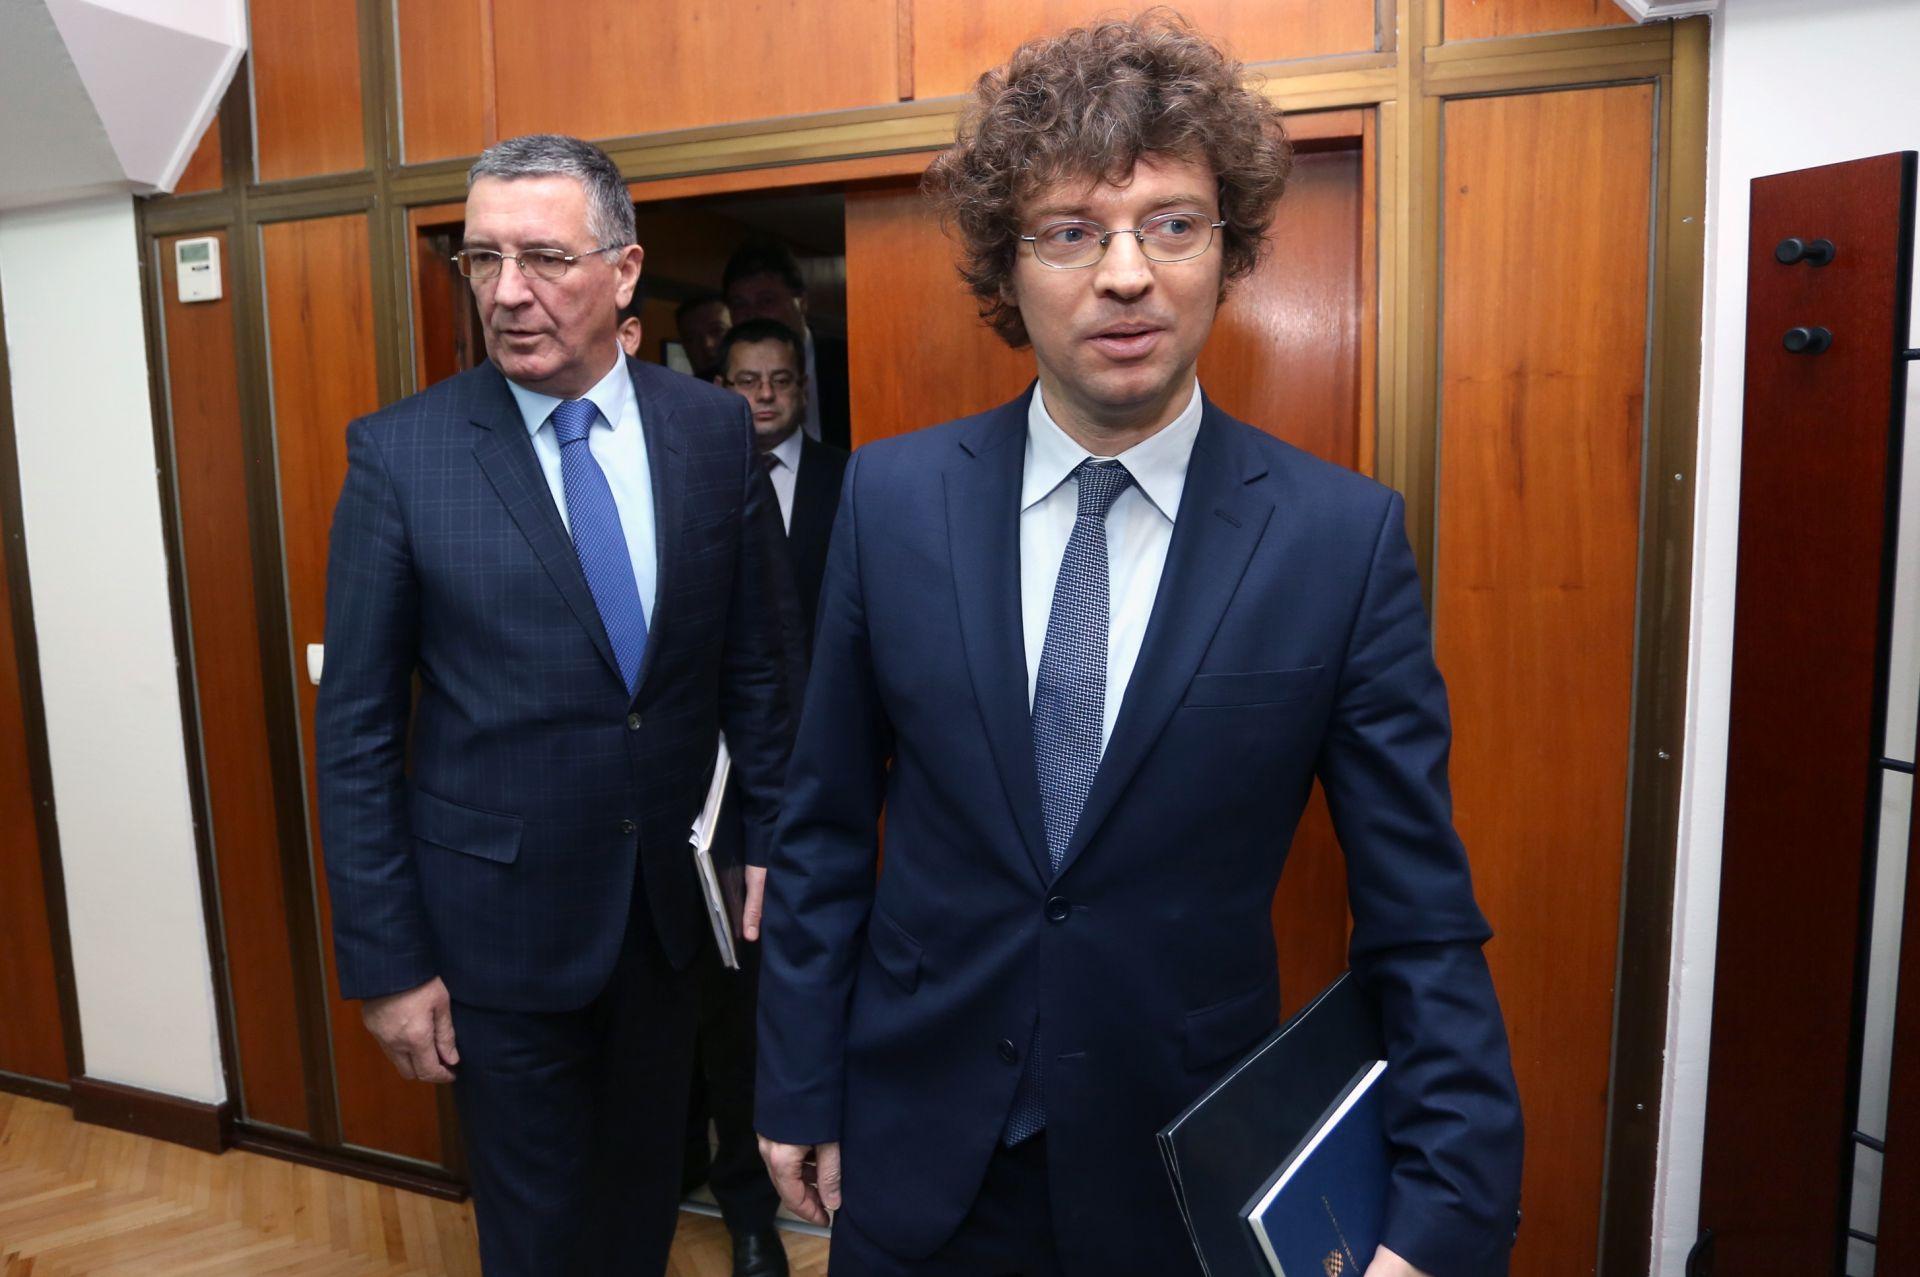 NAKON PROSVJEDA PODRŠKE: Ministar Šustar ne pomišlja na ostavku